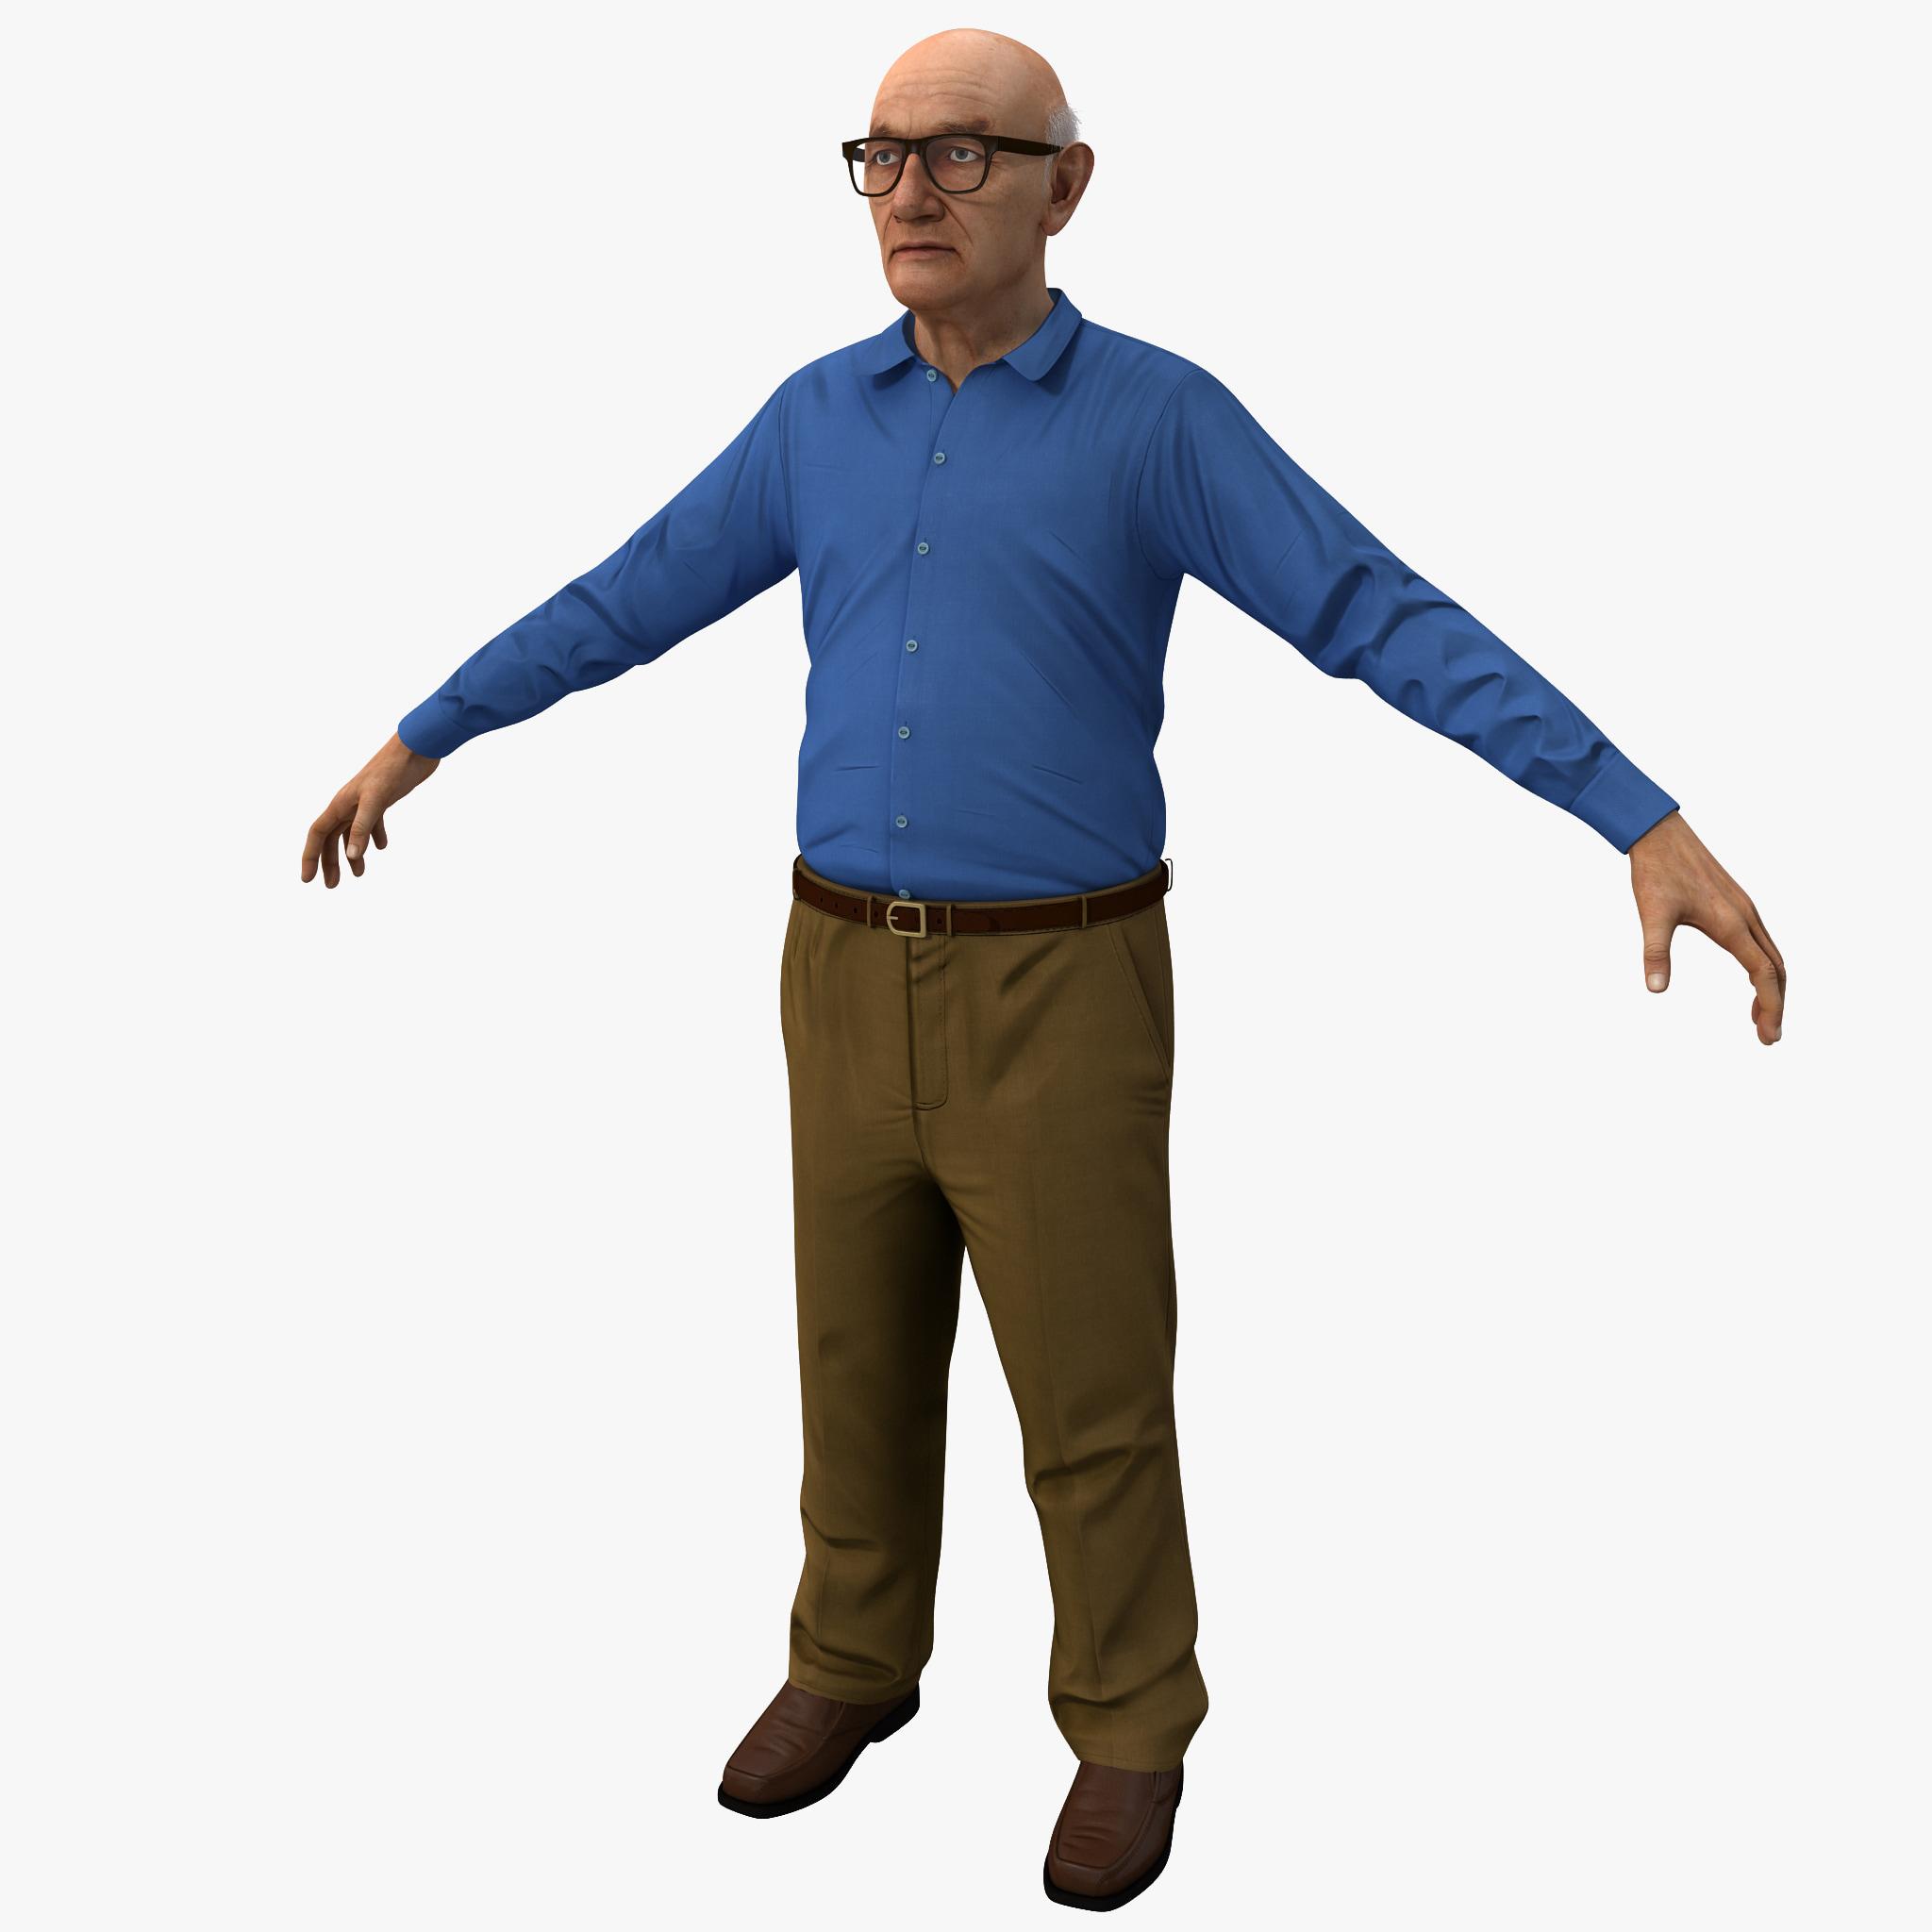 3dsmax elderly man 2 version